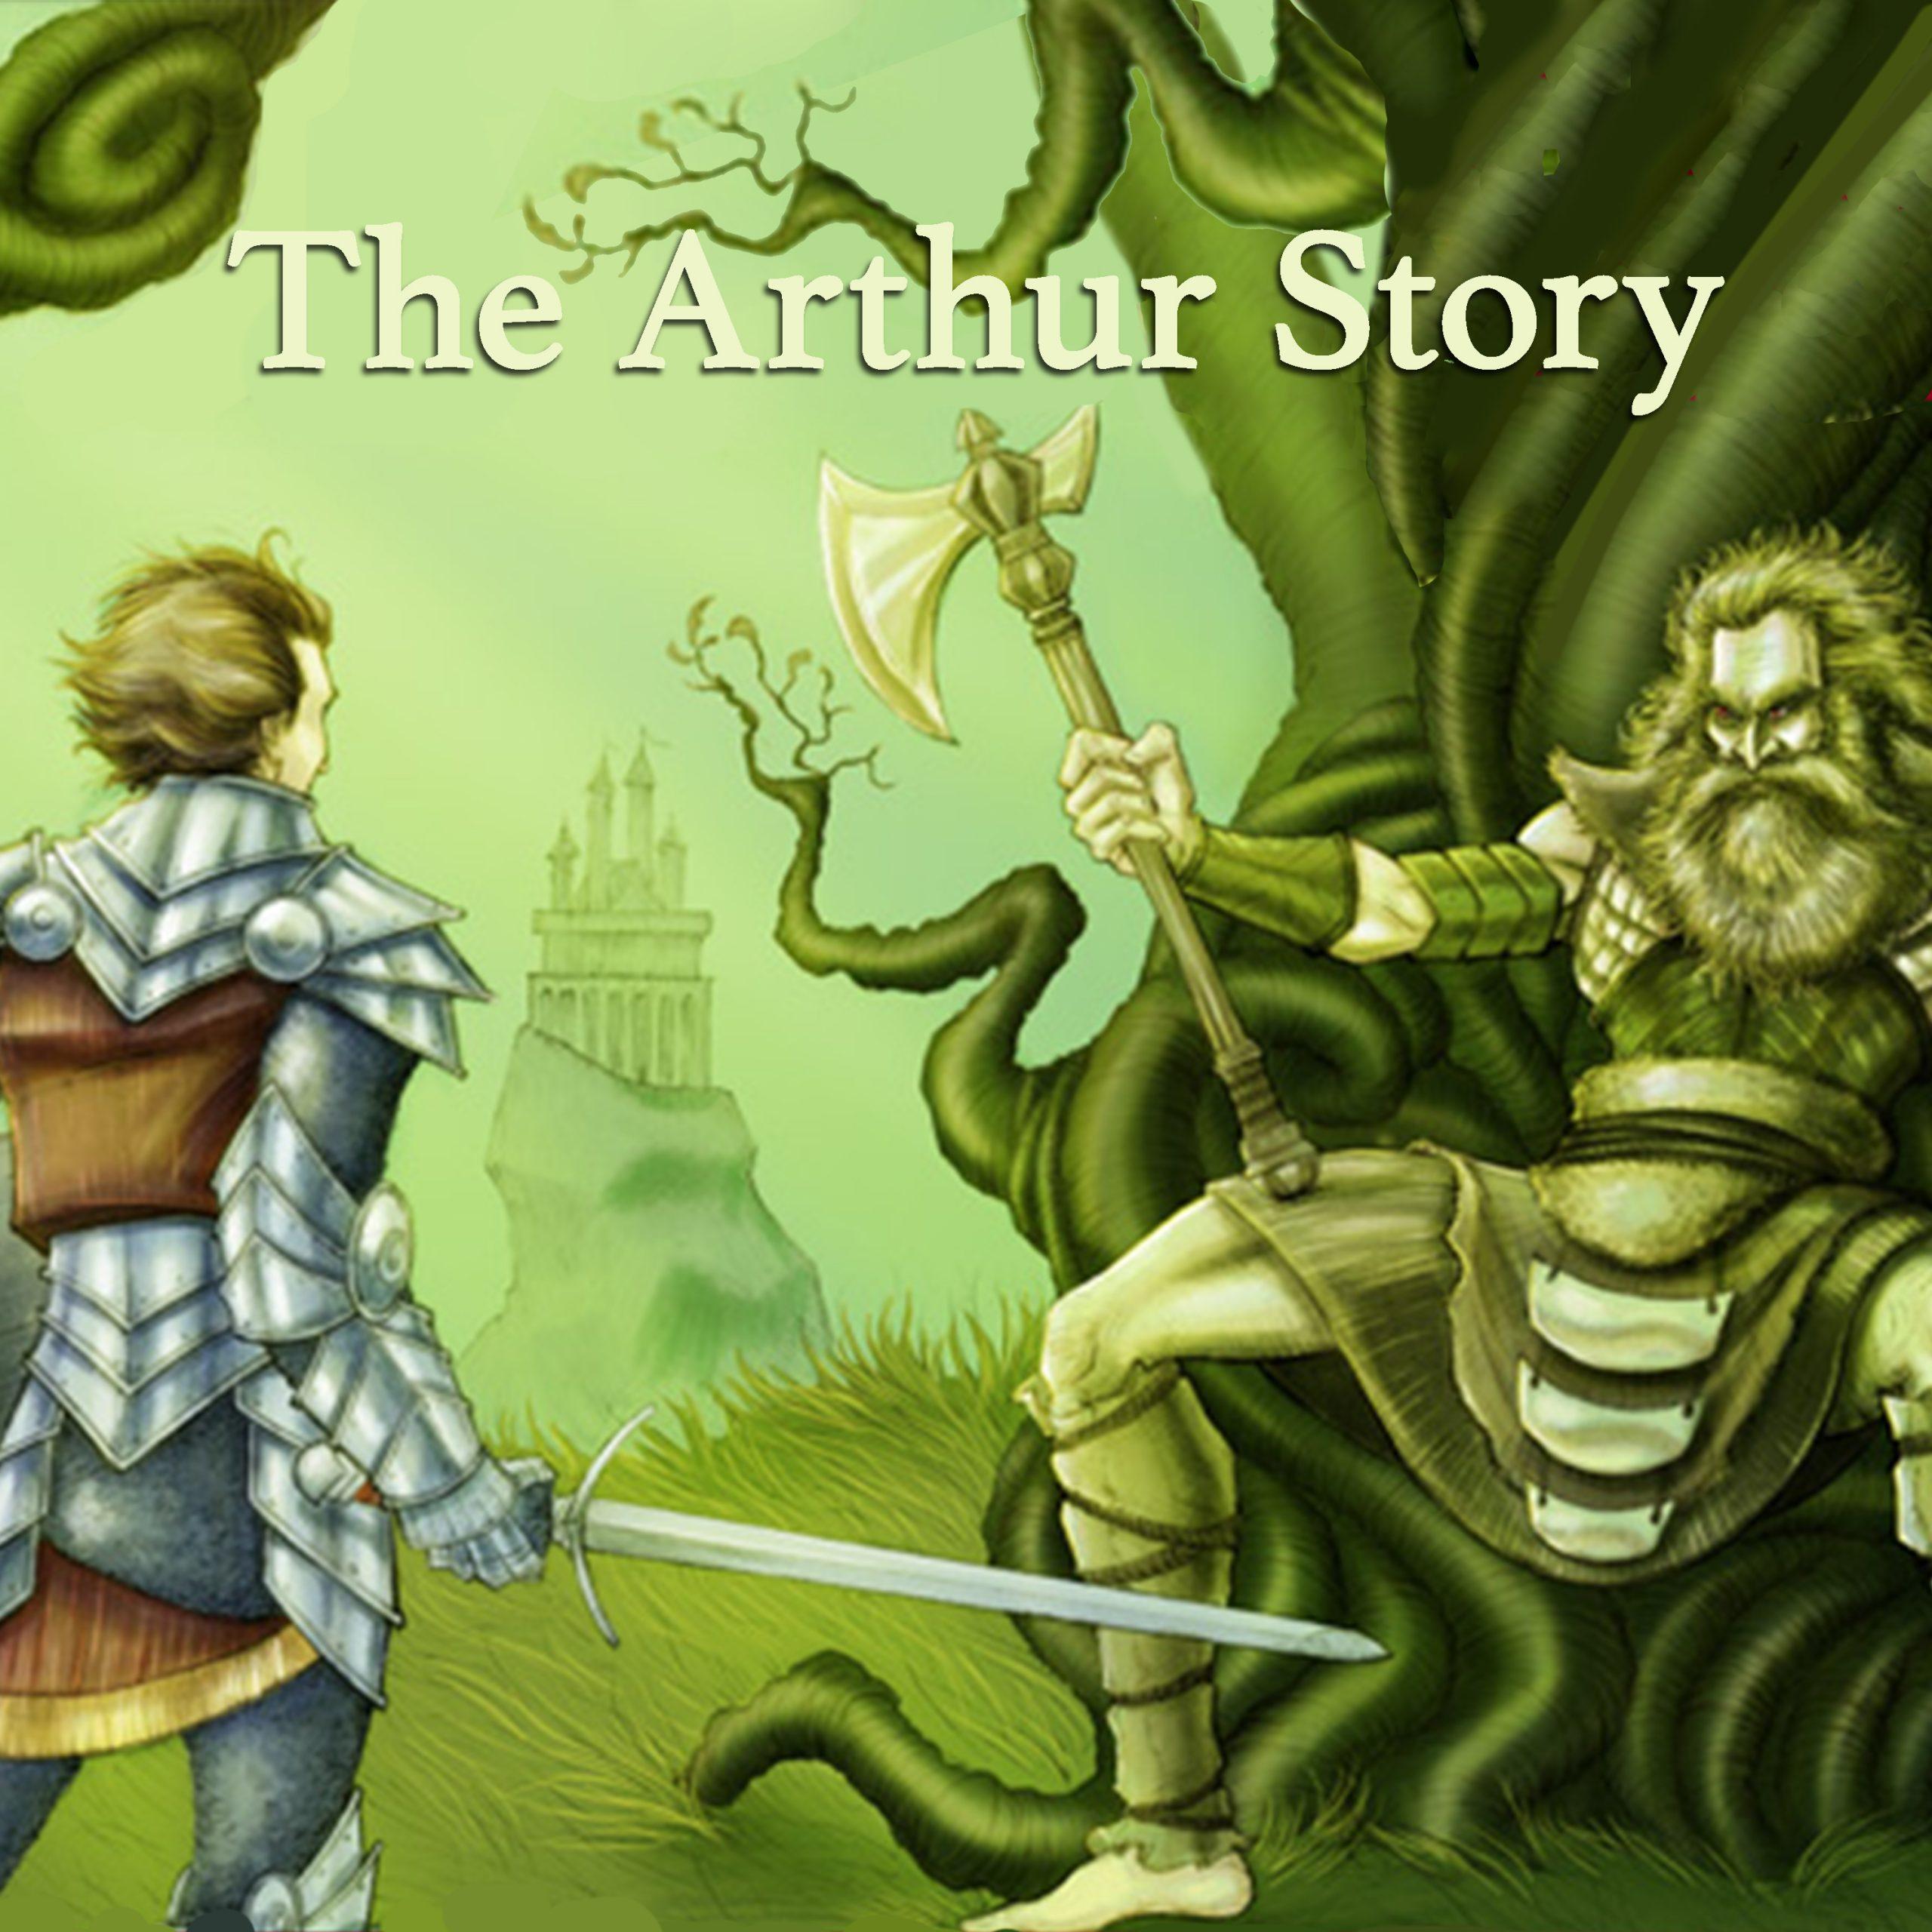 The Arthur Story